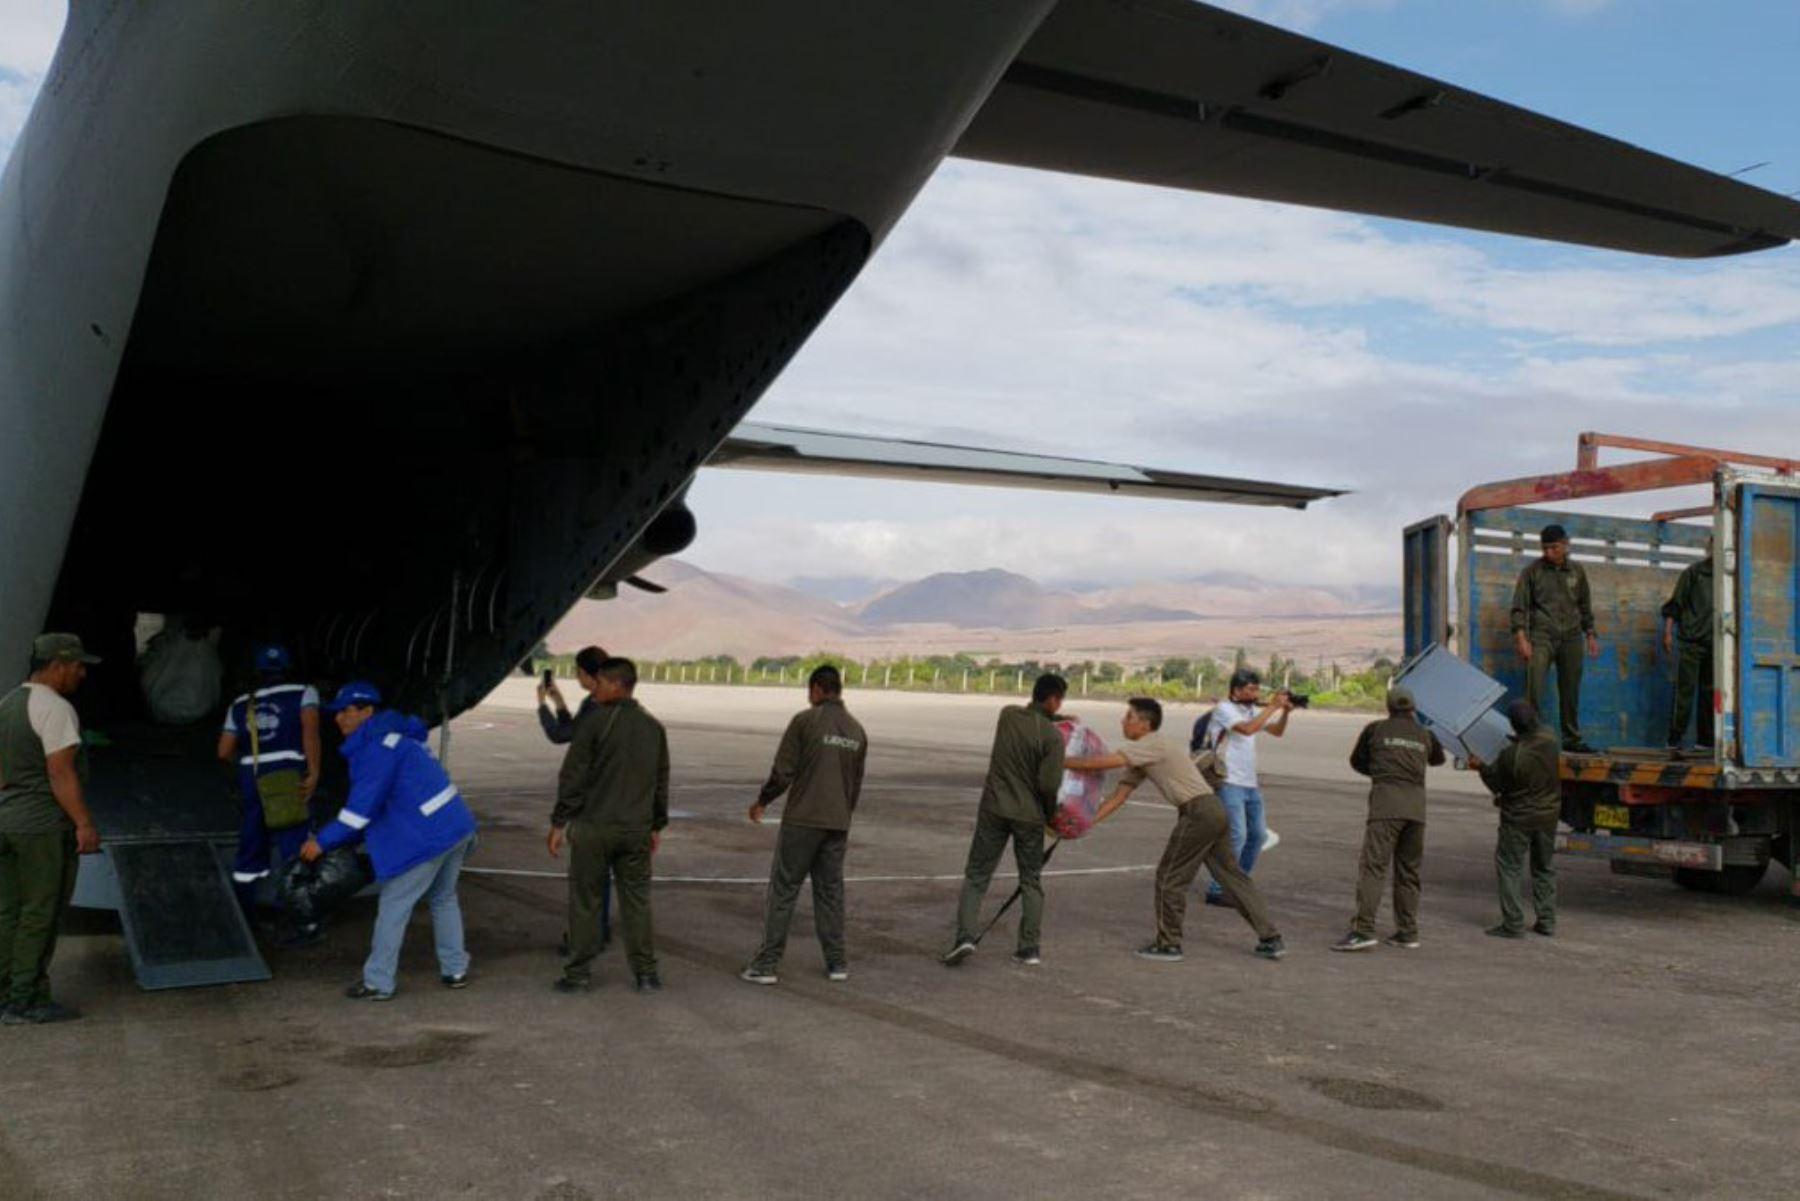 El Seguro Social de Salud (EsSalud) viene atendiendo la situación de desastre generada en el sur del país por las intensas lluvias que se han suscitado en las últimas horas y dispuso el envío de ayuda y atención a las regiones de Moquegua, Tacna y Arequipa a través de su Hospital Perú.